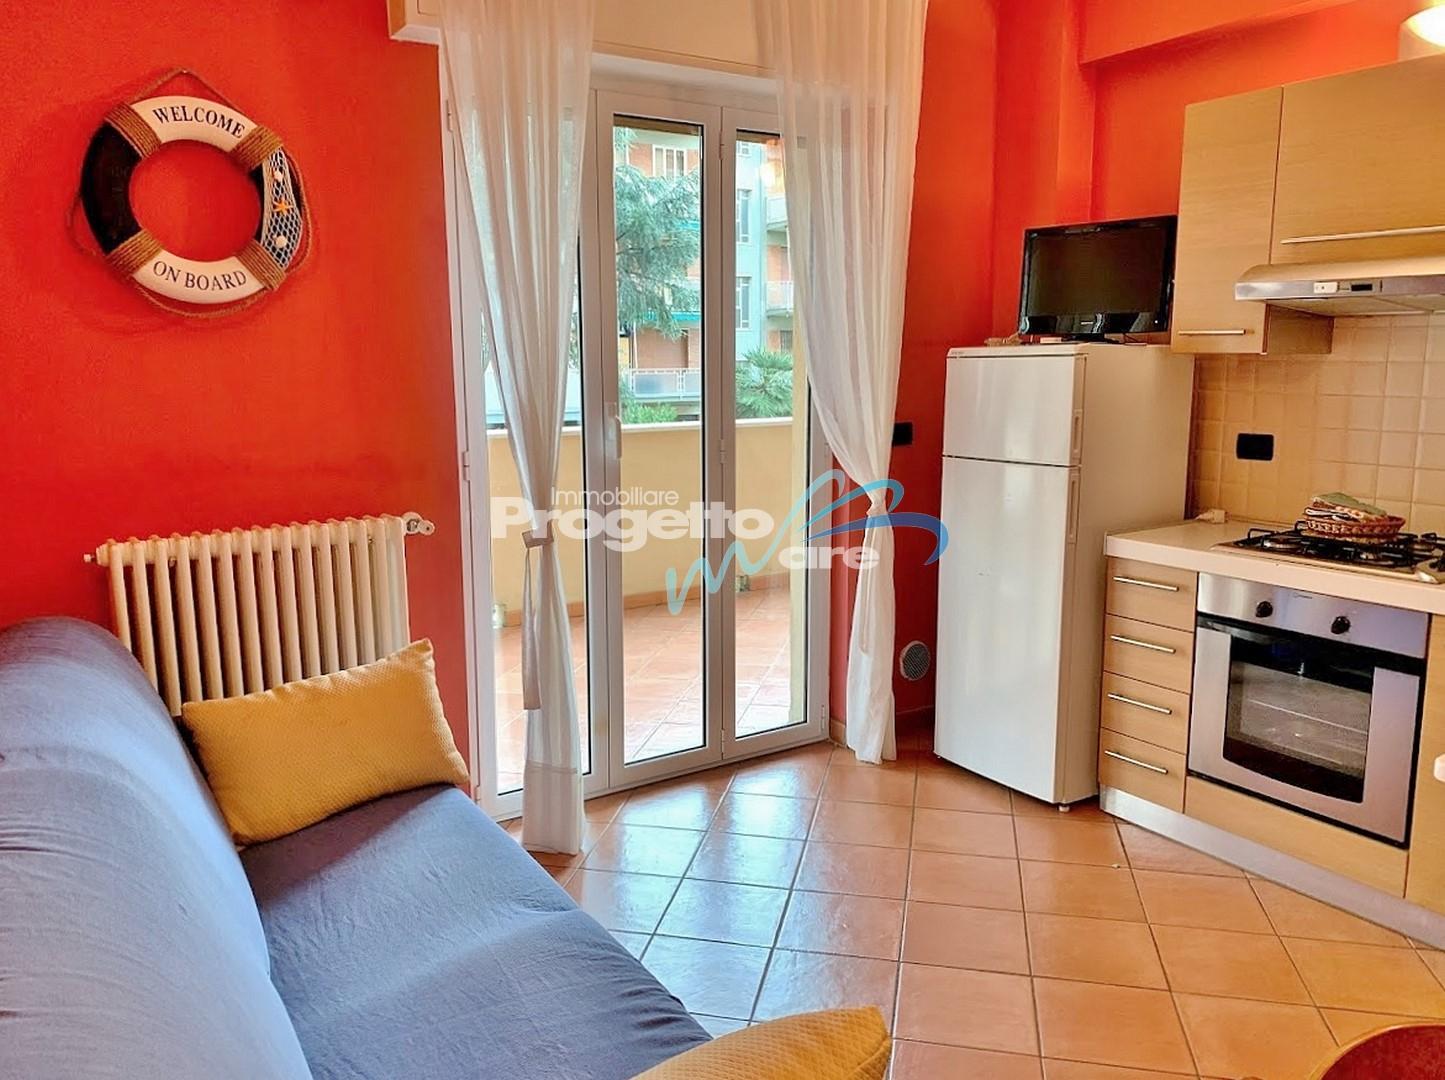 Immobile Turistico in affitto a Pietra Ligure, 2 locali, zona Località: viaComo,versoBorgioV, Trattative riservate | CambioCasa.it